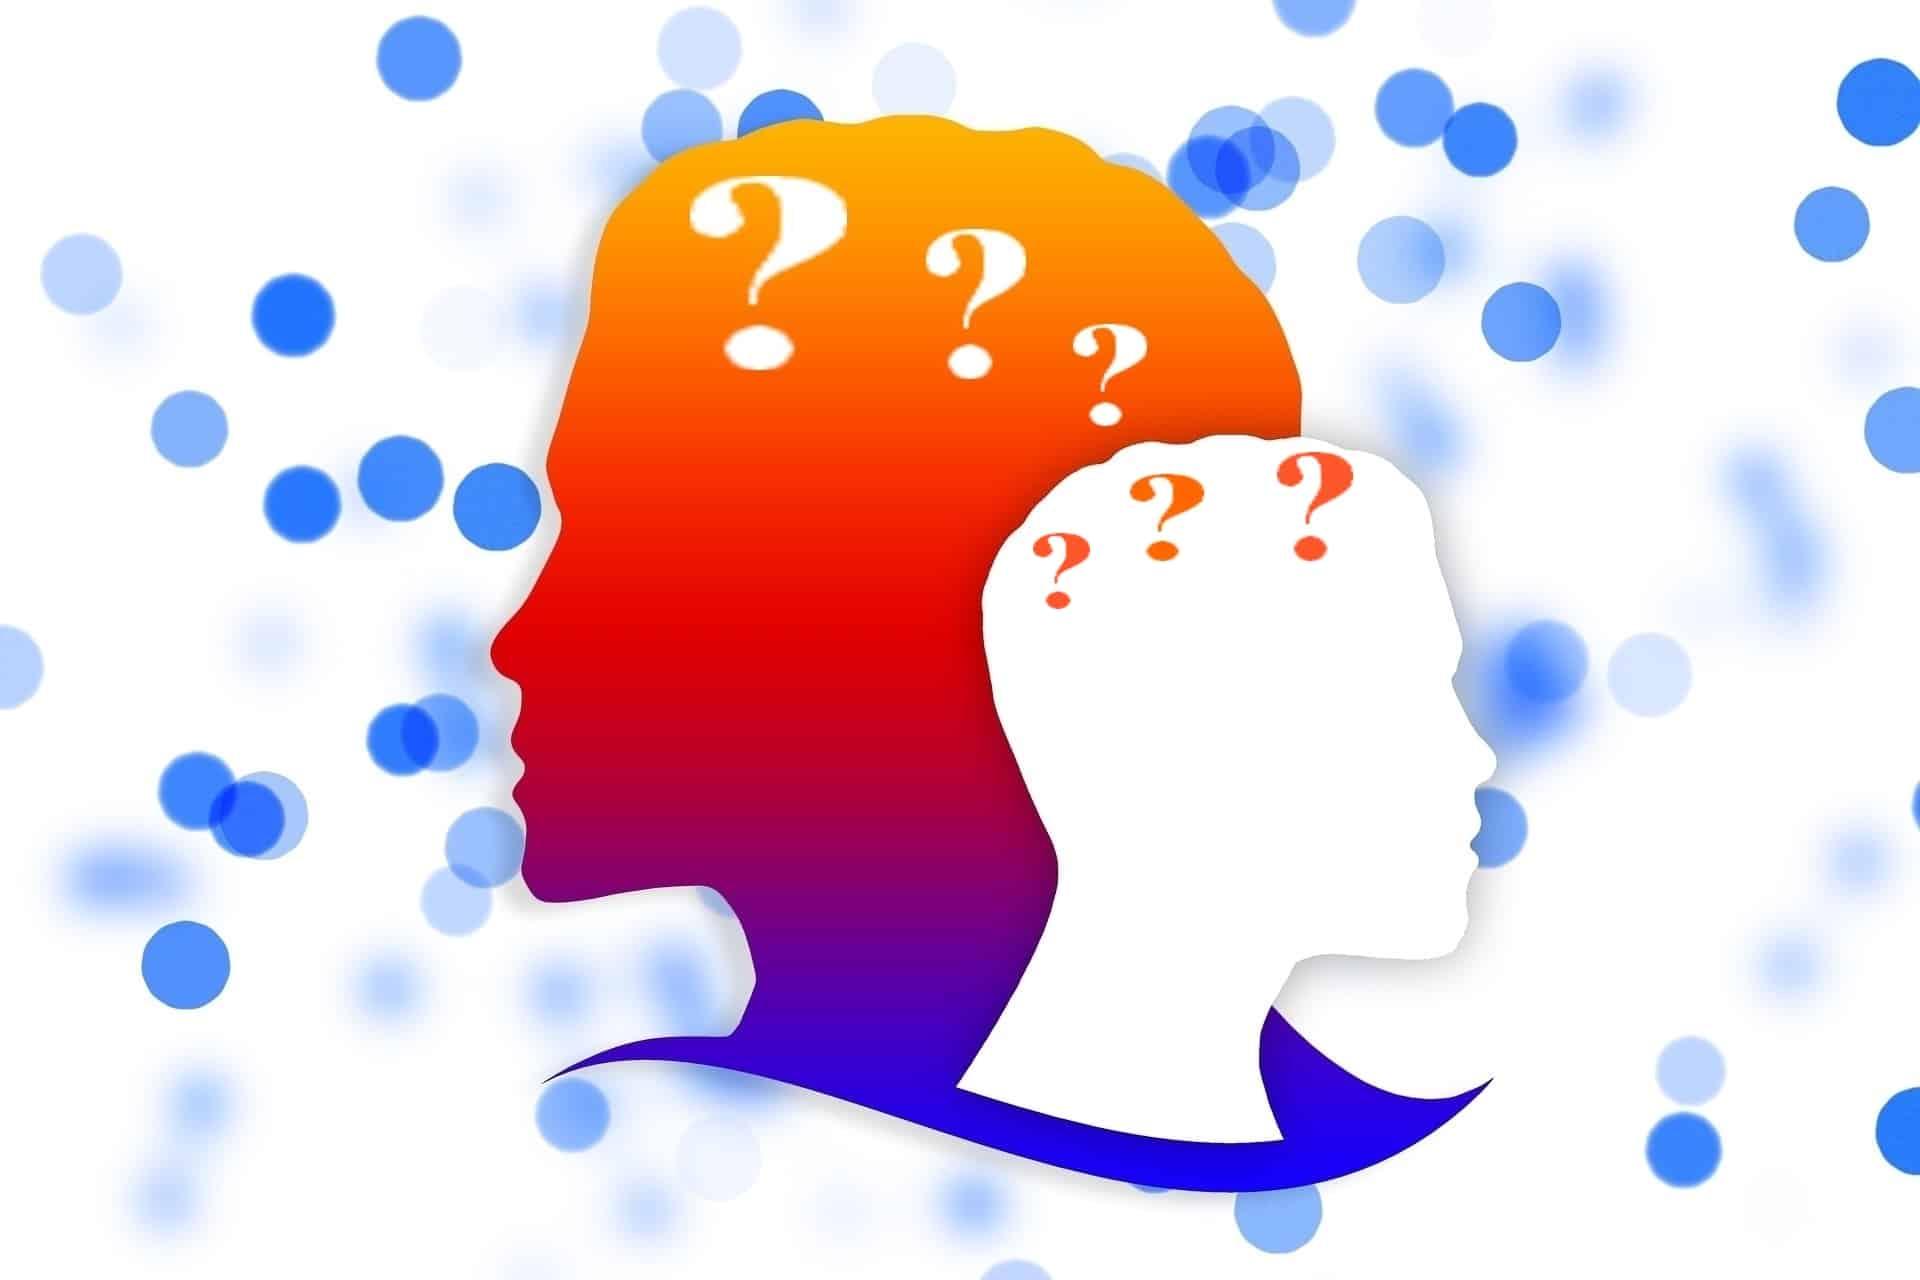 La mémoire, comment ça marche ? Les secrets de la mémoire